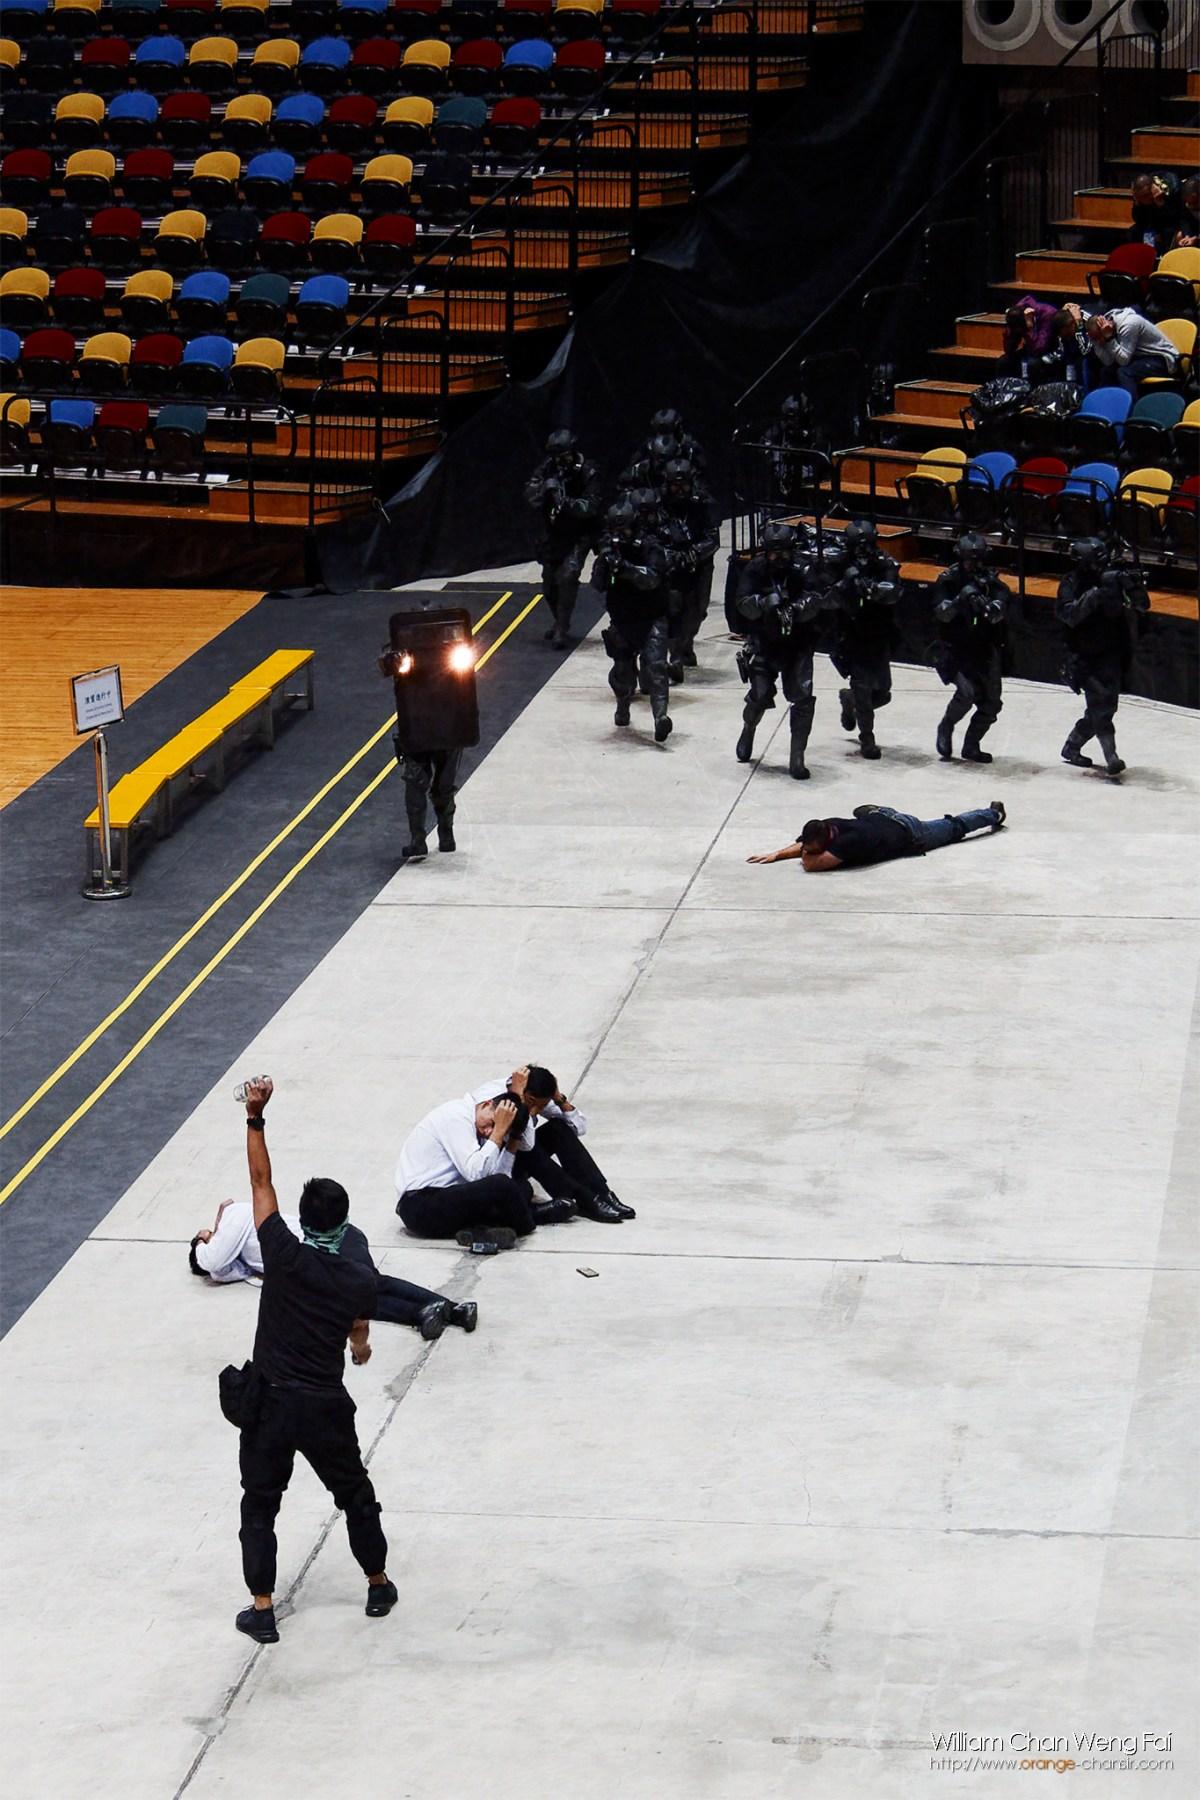 模擬在一個大型運動場館有恐怖份子襲擊